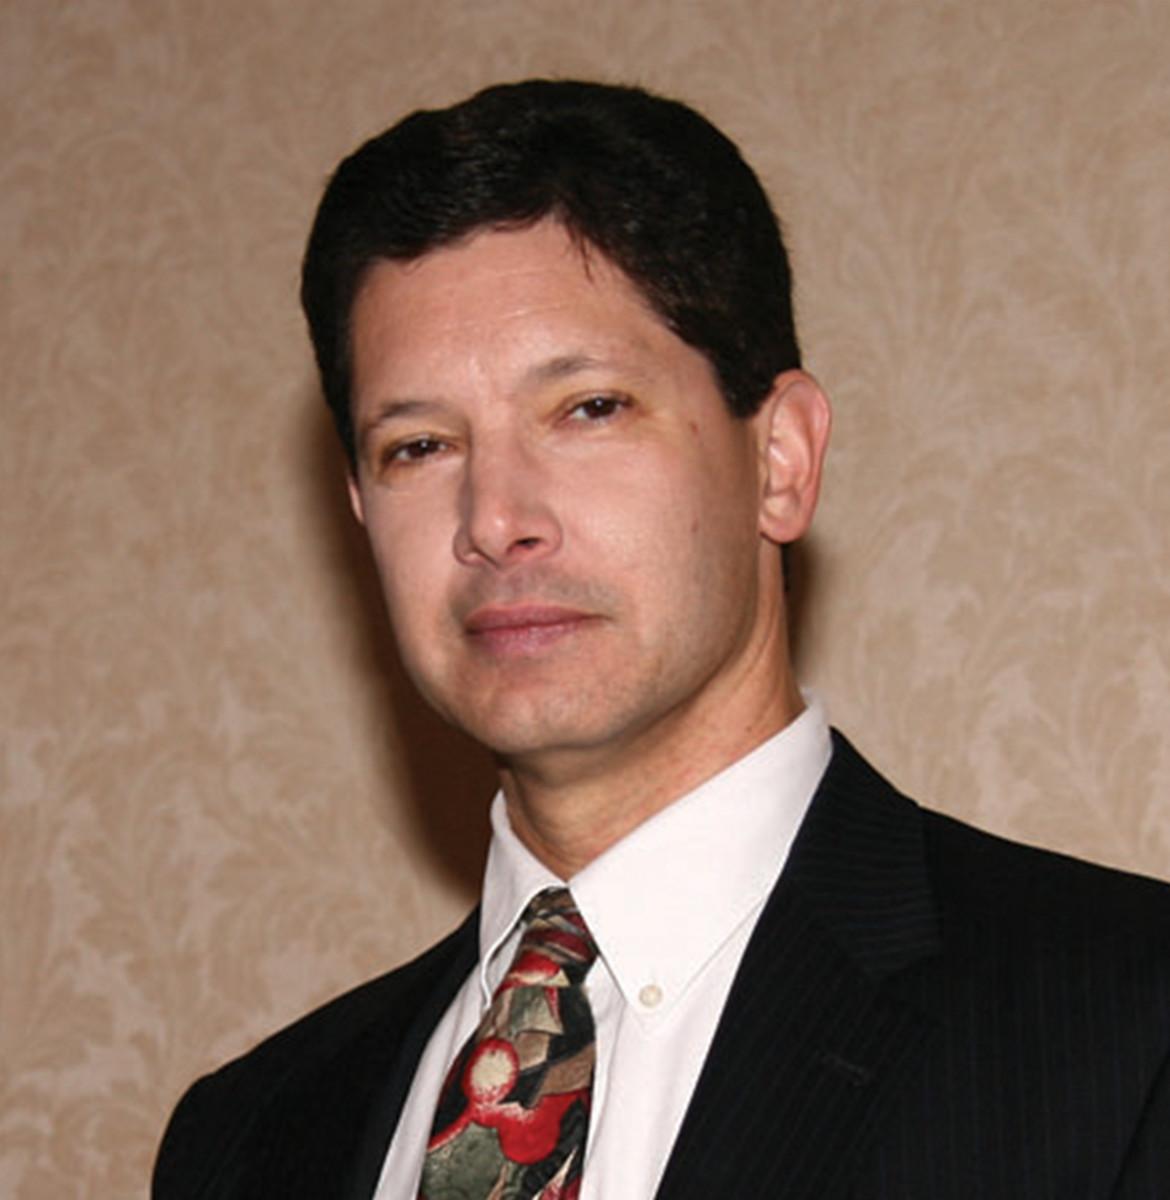 Faculty Member Thomas Brinker Jr. Wide Photo